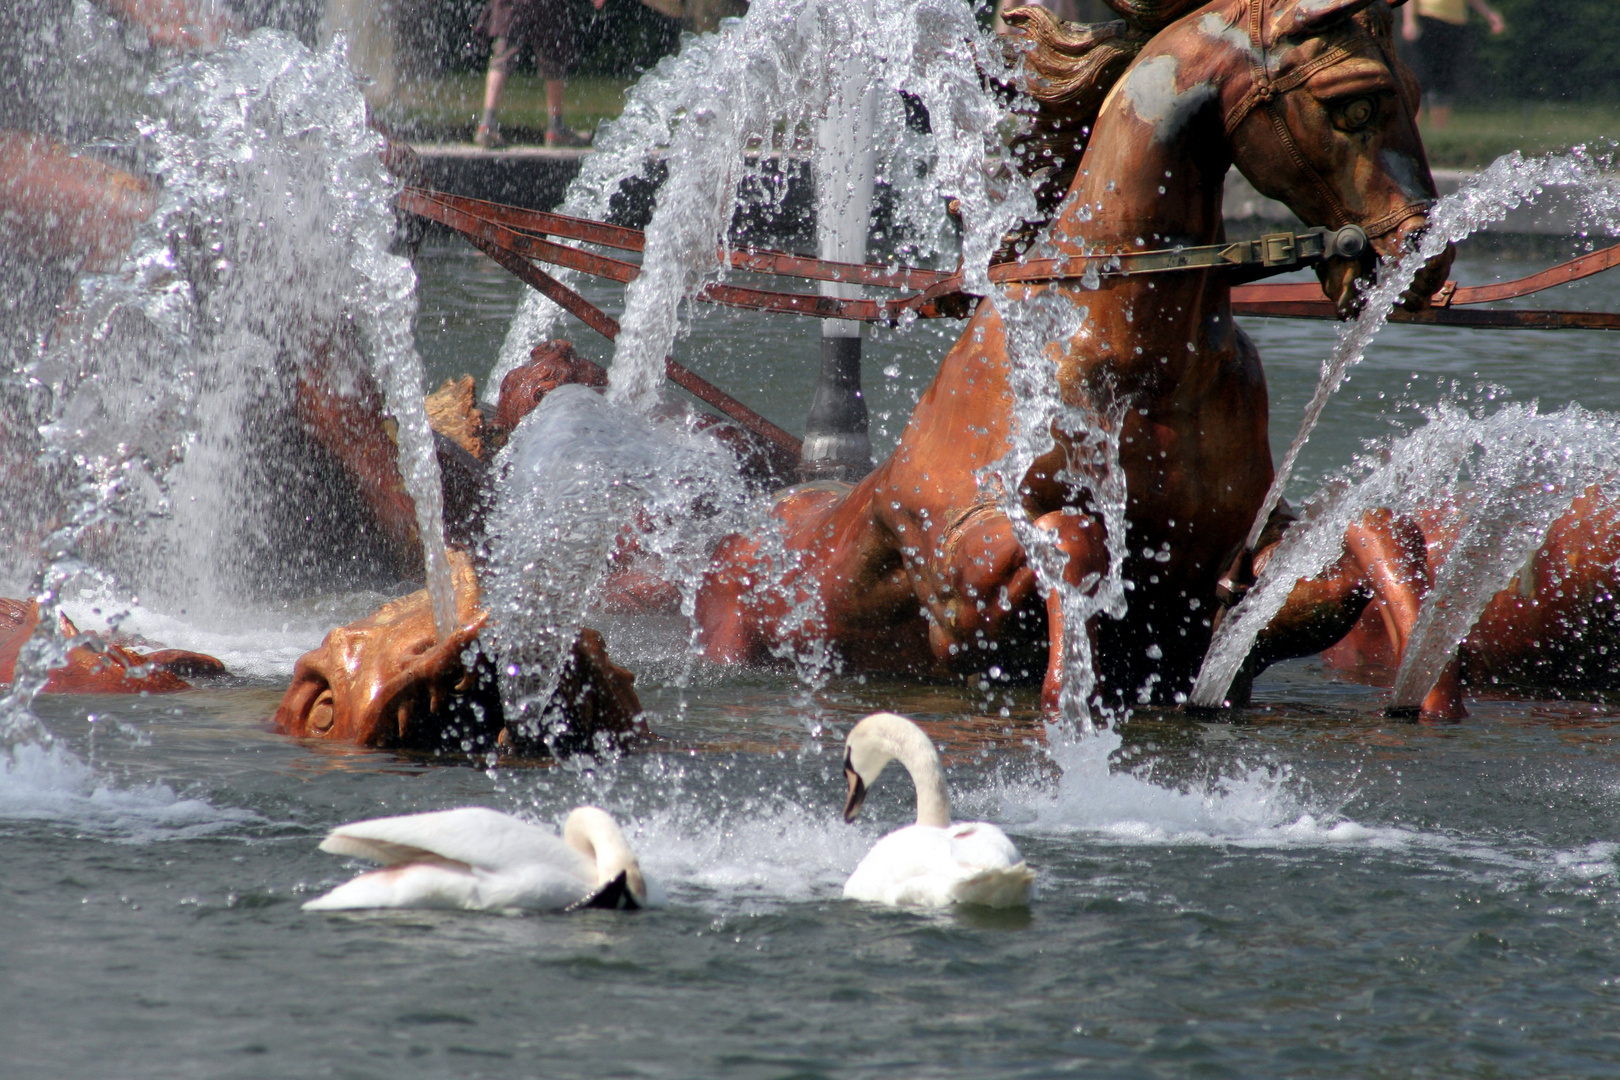 Ebats de cygne dans la fontaine